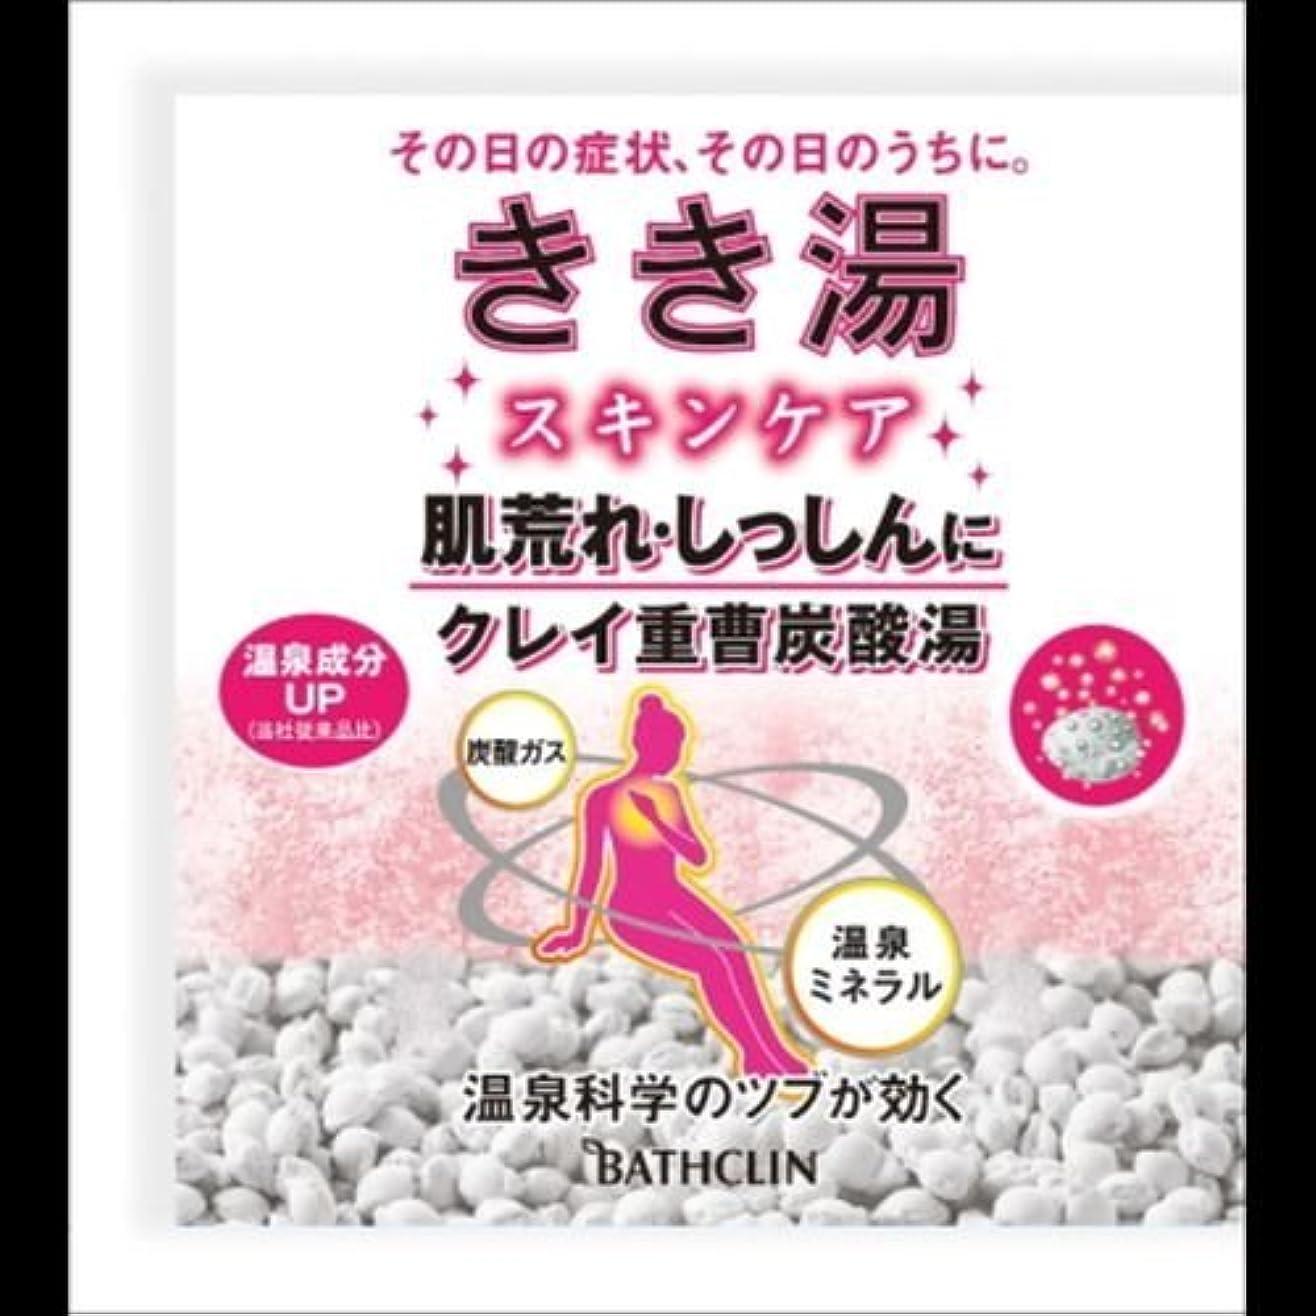 幹アーティストより良い【まとめ買い】きき湯 クレイ重曹炭酸湯 30g(入浴剤) ×2セット